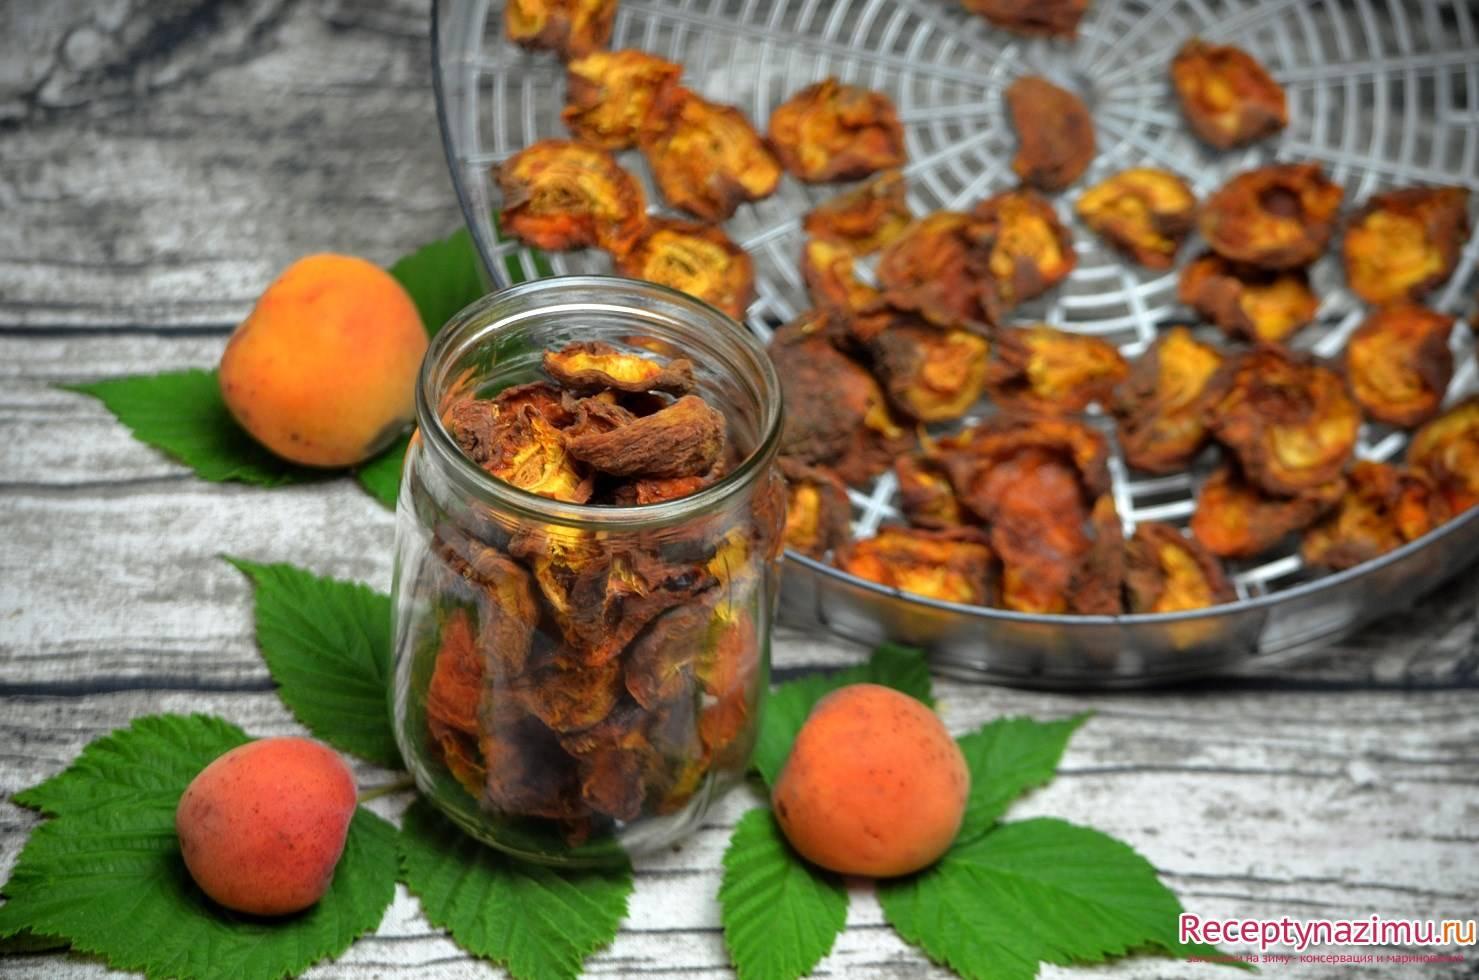 ТОП 6 рецептов приготовления сушеных абрикосов в домашних условиях